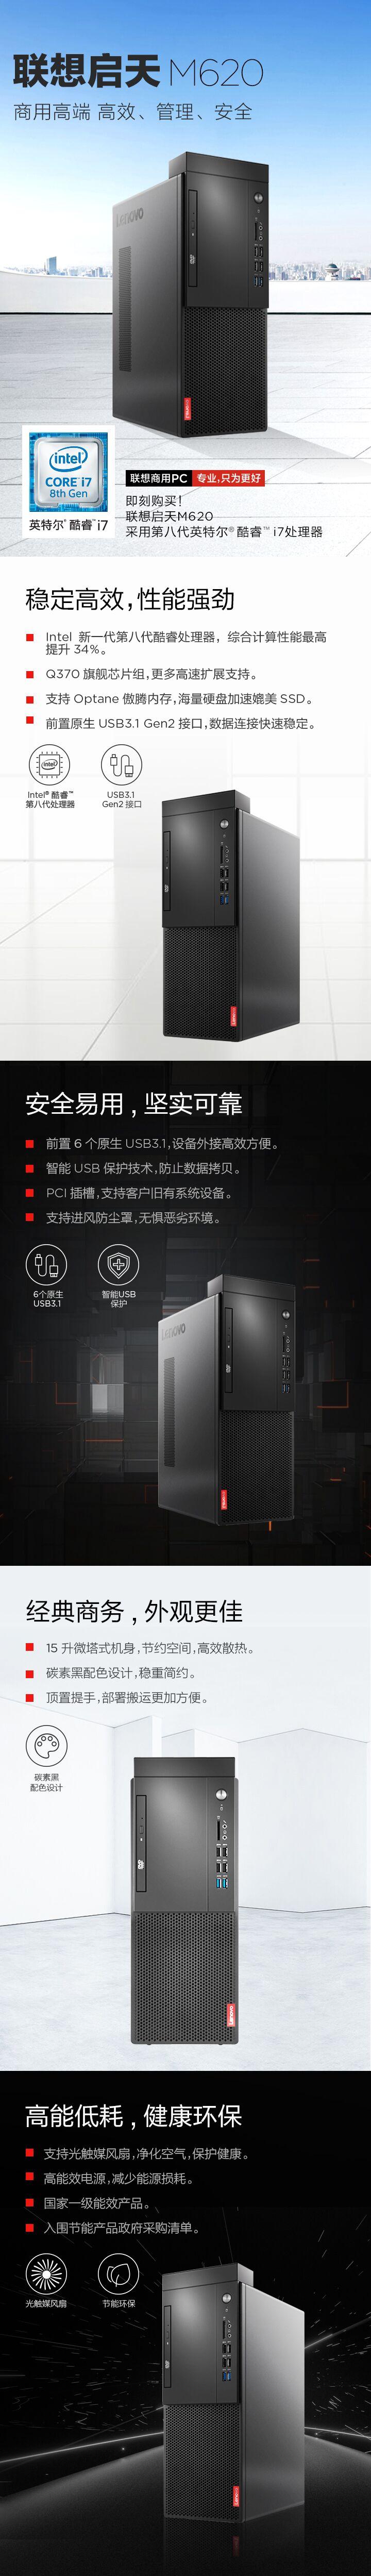 台式电脑cpu主频_台式电脑 联想(Lenovo)启天M620-D179 (i5-9500/Q370主板/8GB/1T+128G SSD ...